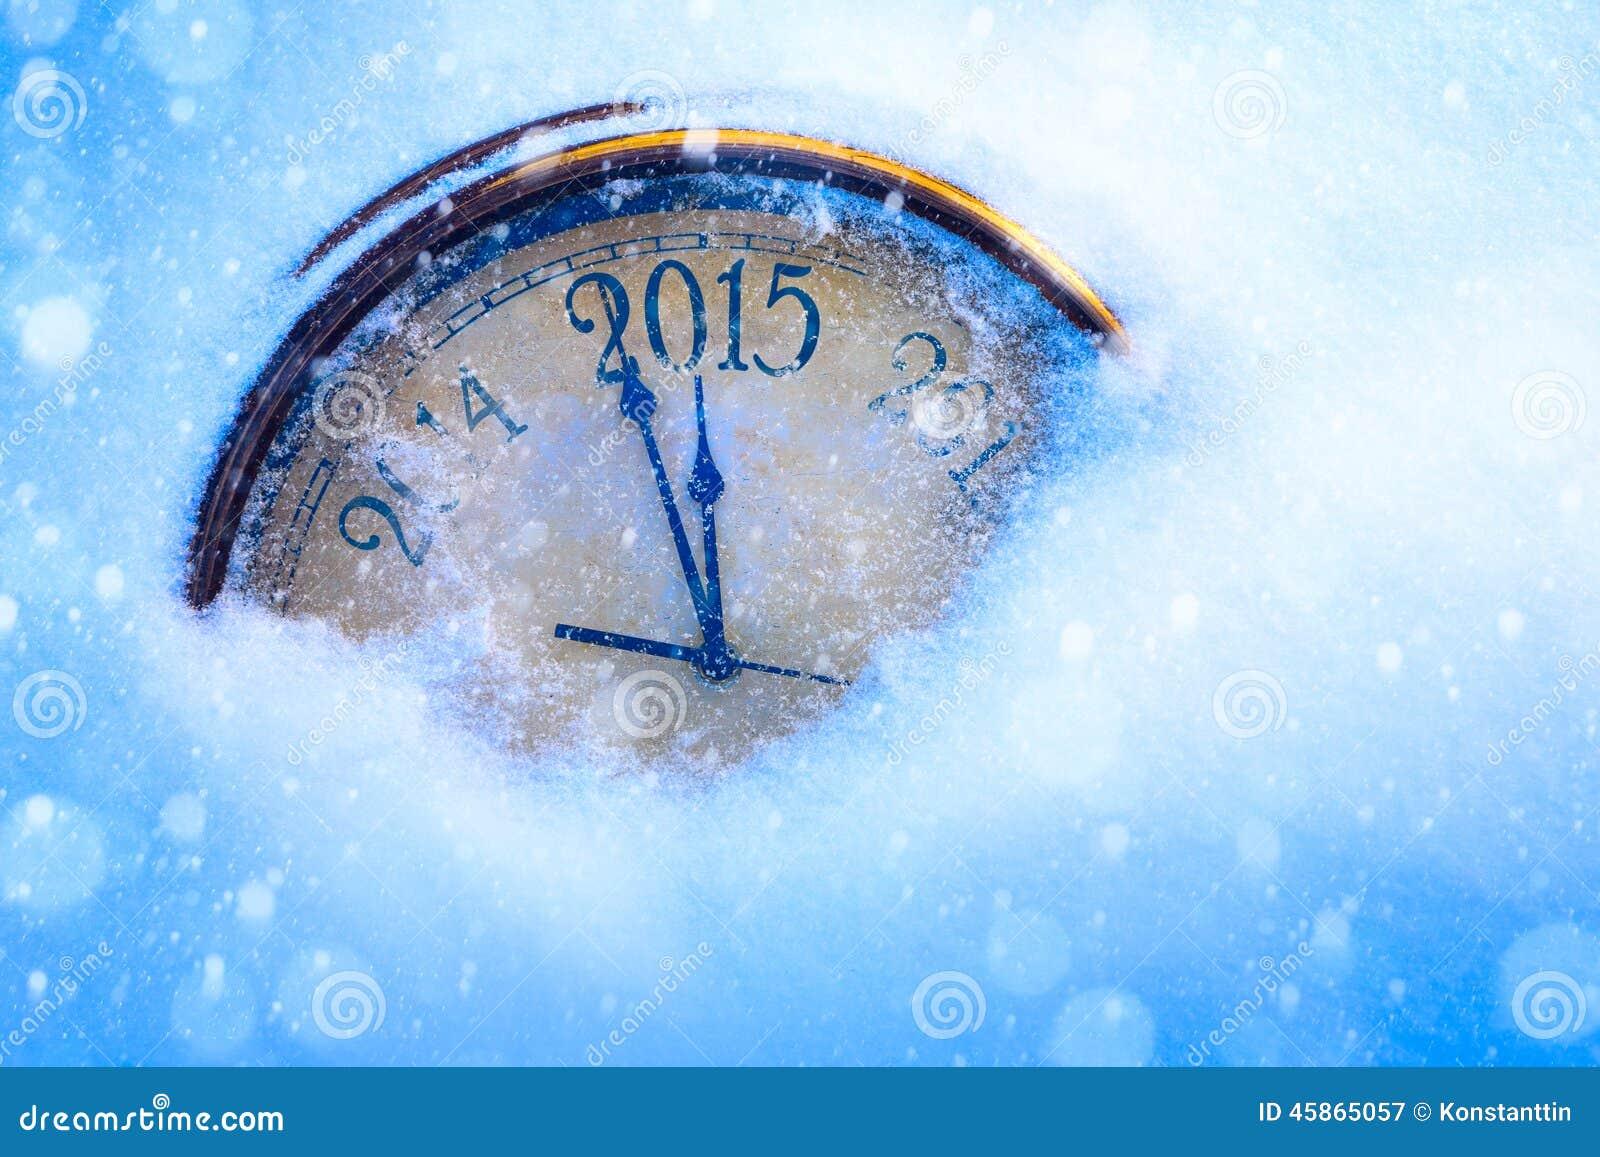 Αρθ. 2015 νέα παραμονή ετών